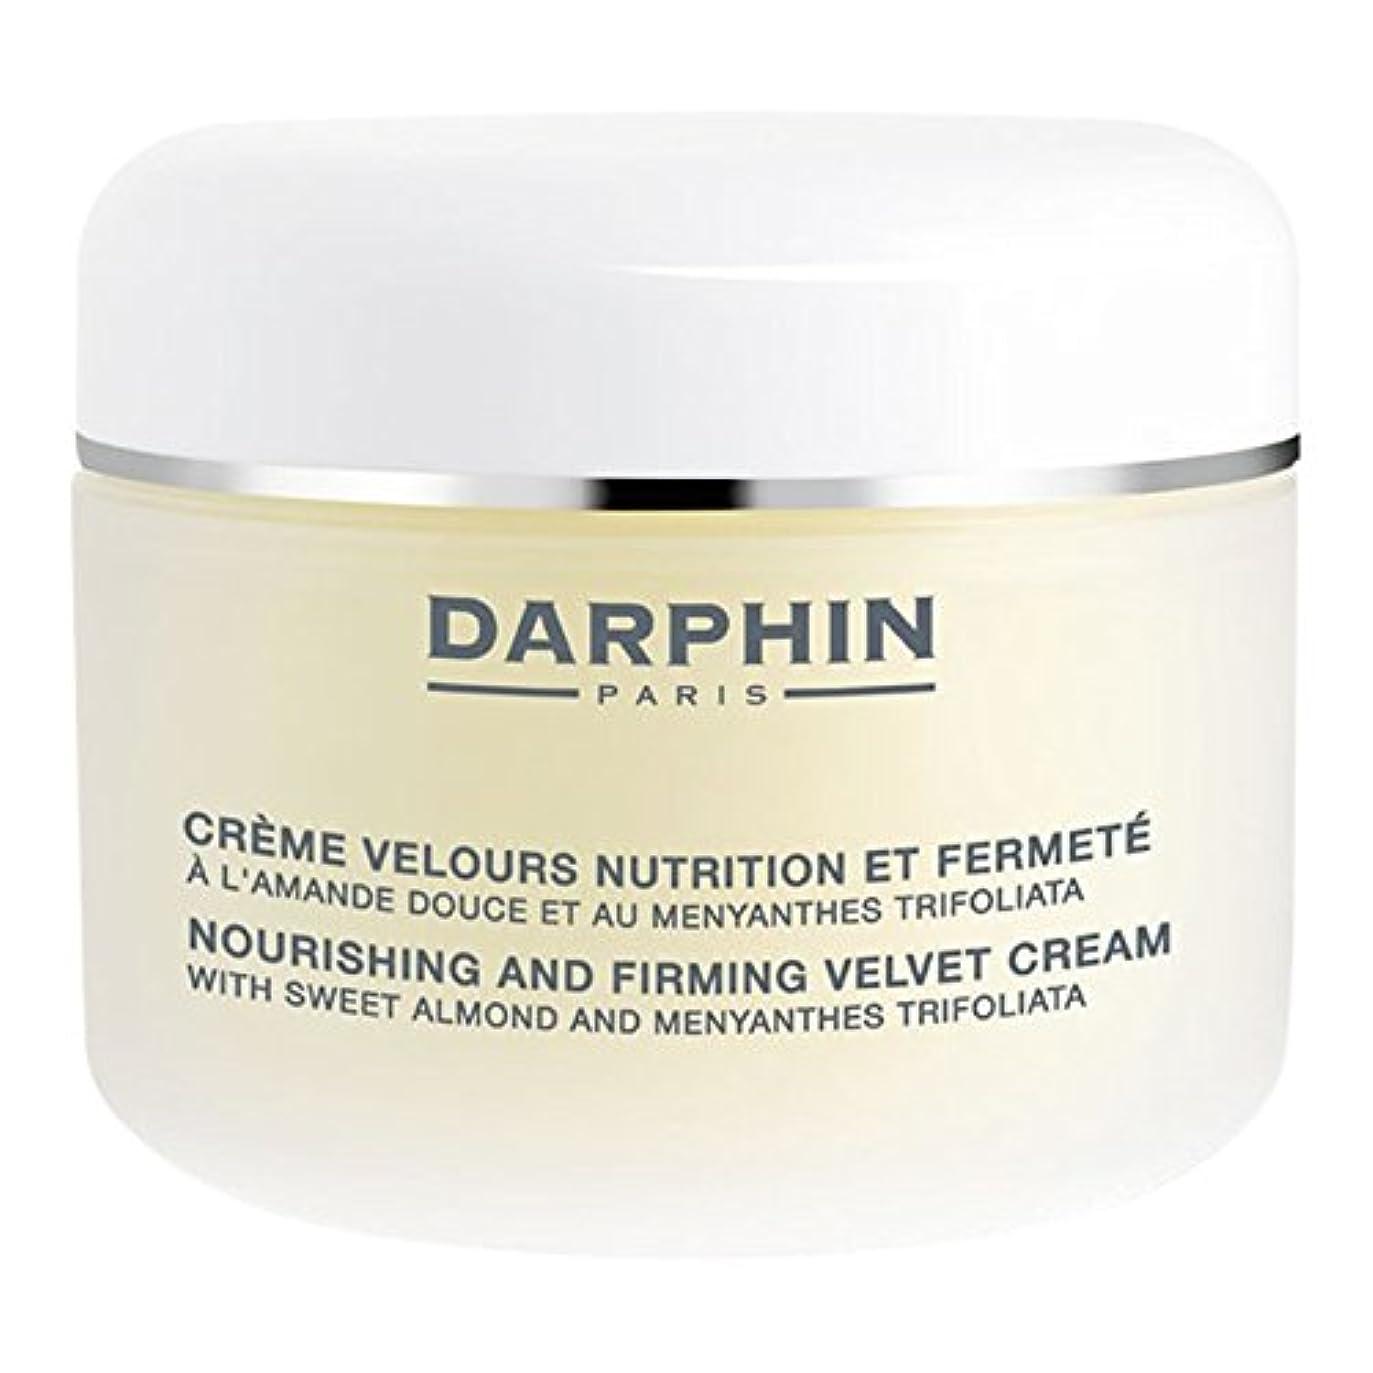 バルブヒール会社栄養と引き締めベルベットのクリーム200ミリリットルをダルファン (Darphin) (x6) - Darphin Nourishing and Firming Velvet Cream 200ml (Pack of 6) [並行輸入品]